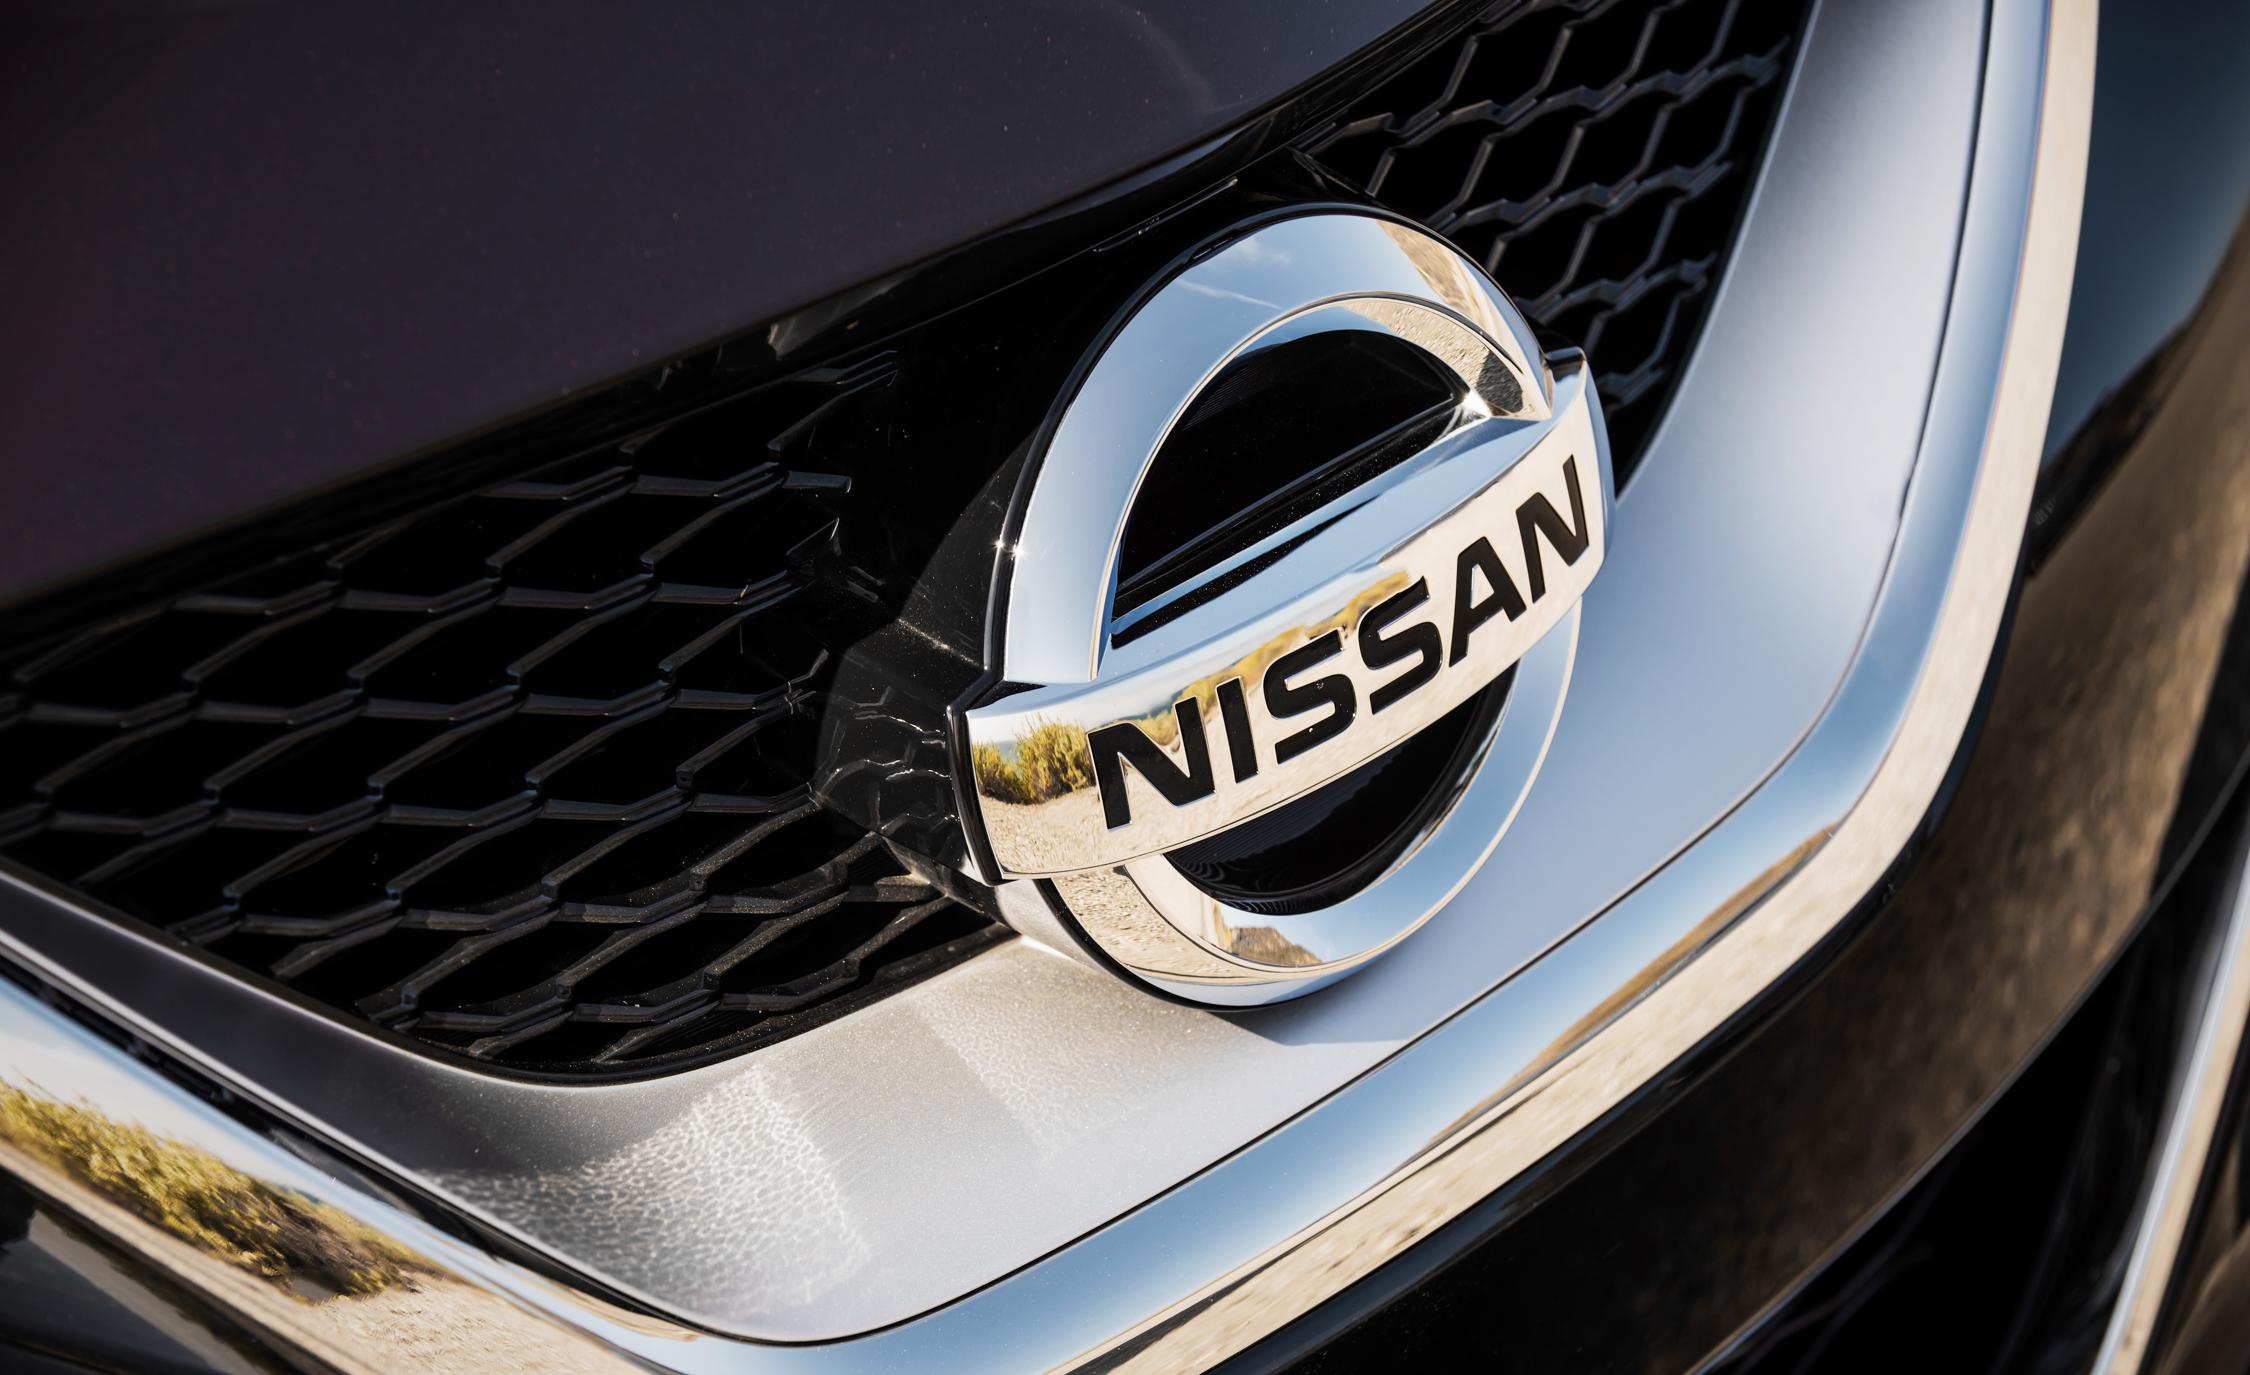 2016 Nissan Maxima SR Exterior Badge Front